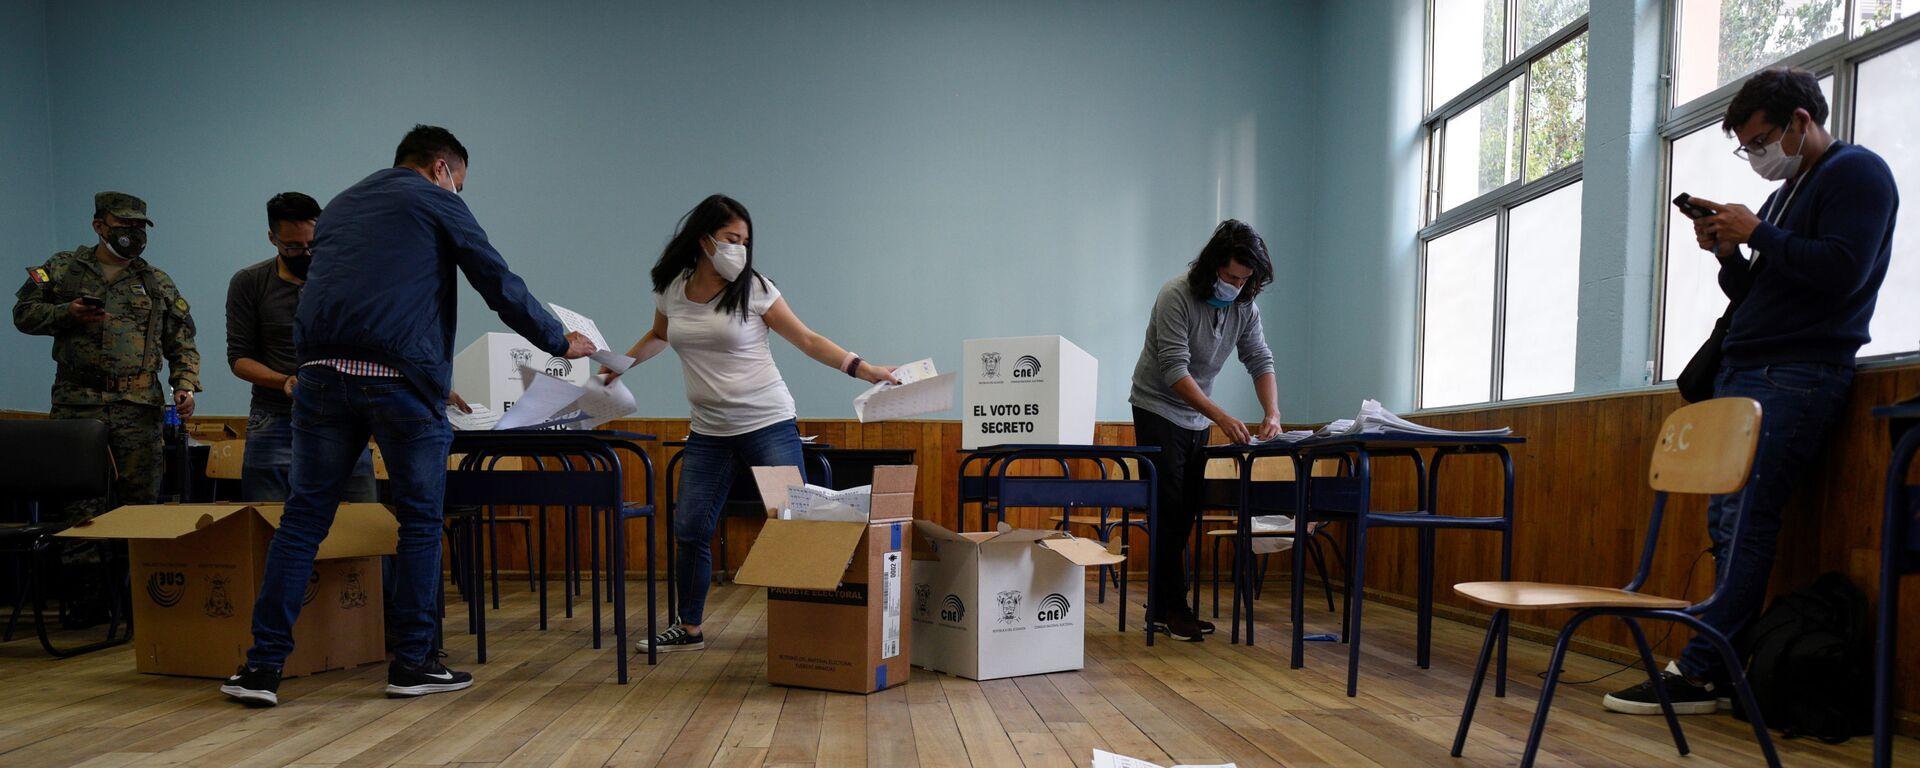 El escrutinio de votos en Ecuador - Sputnik Mundo, 1920, 10.02.2021